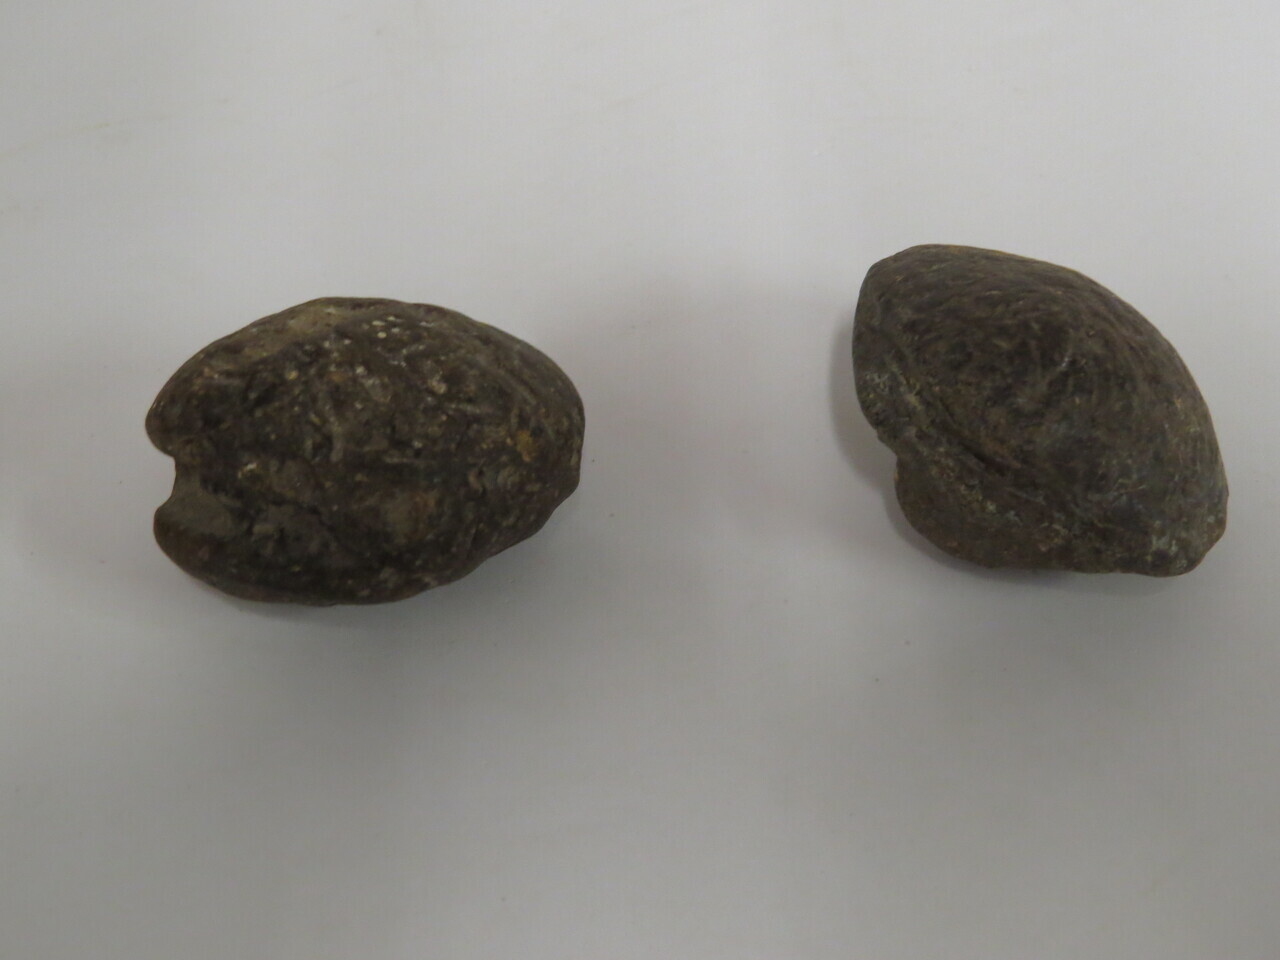 Lote: 21 - Lote: 21 - Lote compuesto por fichas de estancia y 2 piedras de ondas